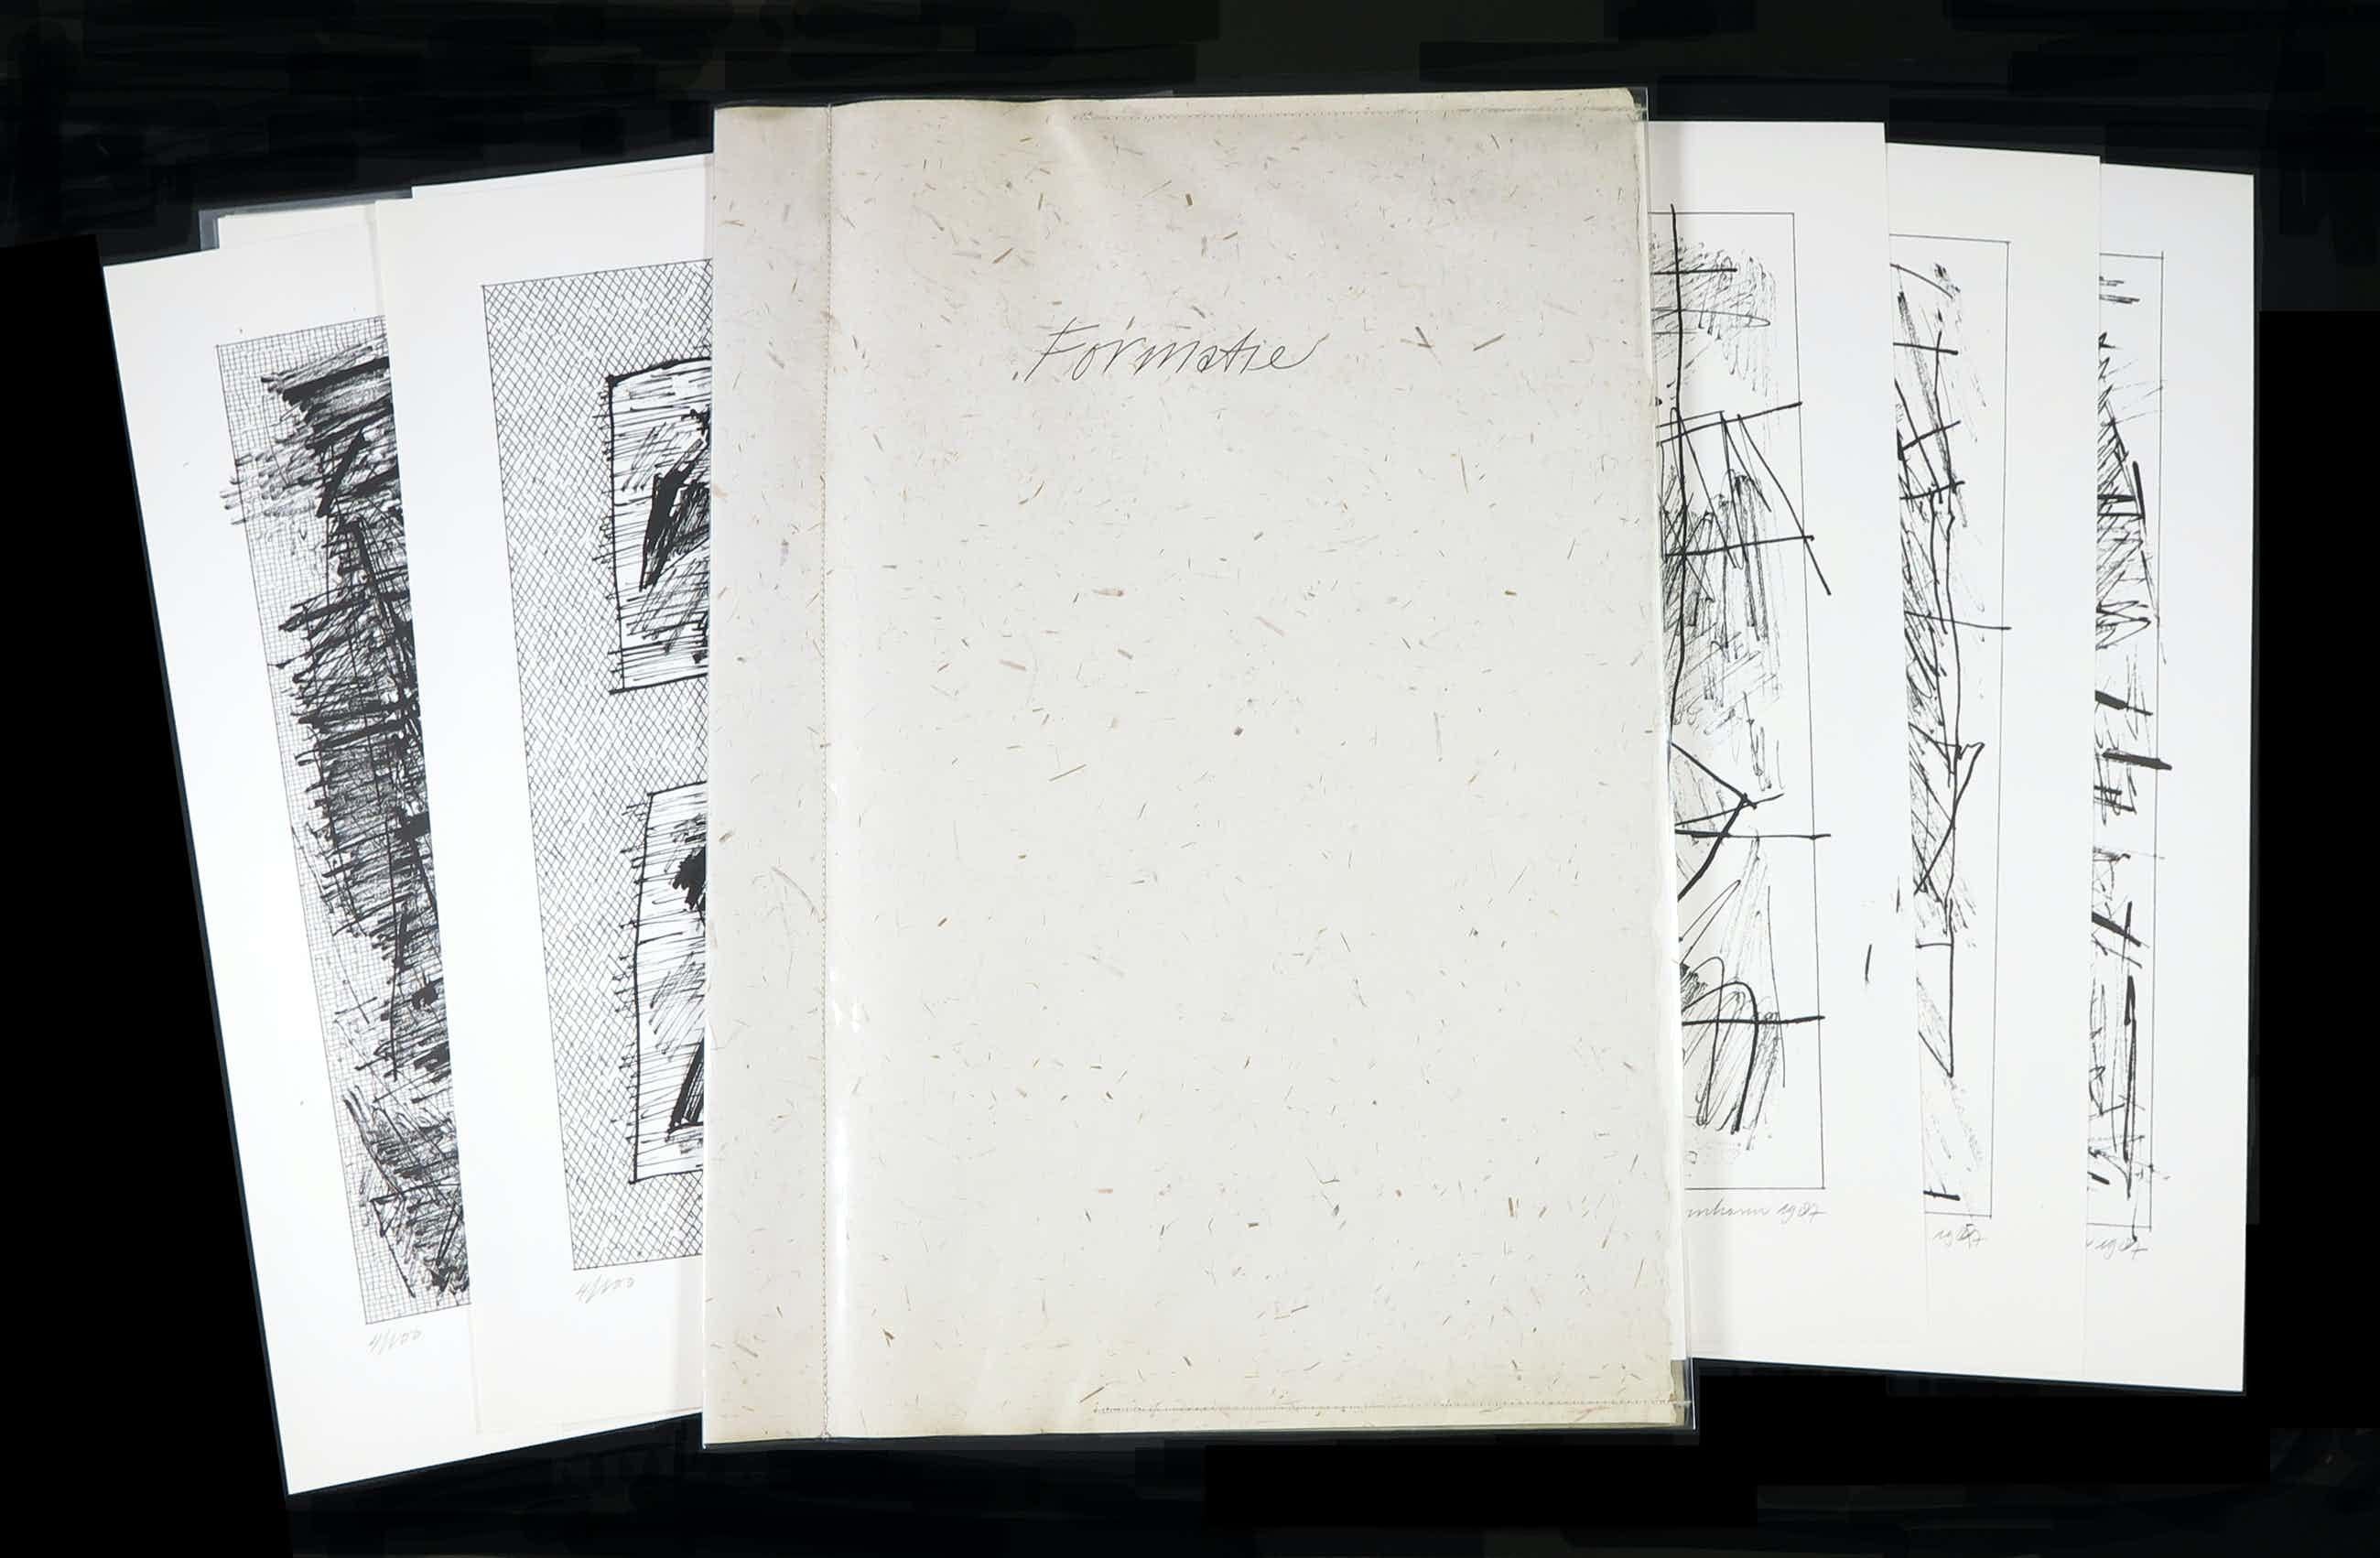 Jan Schoonhoven - Complete portfolio met 12 zeefdrukken, Formatie kopen? Bied vanaf 2087!